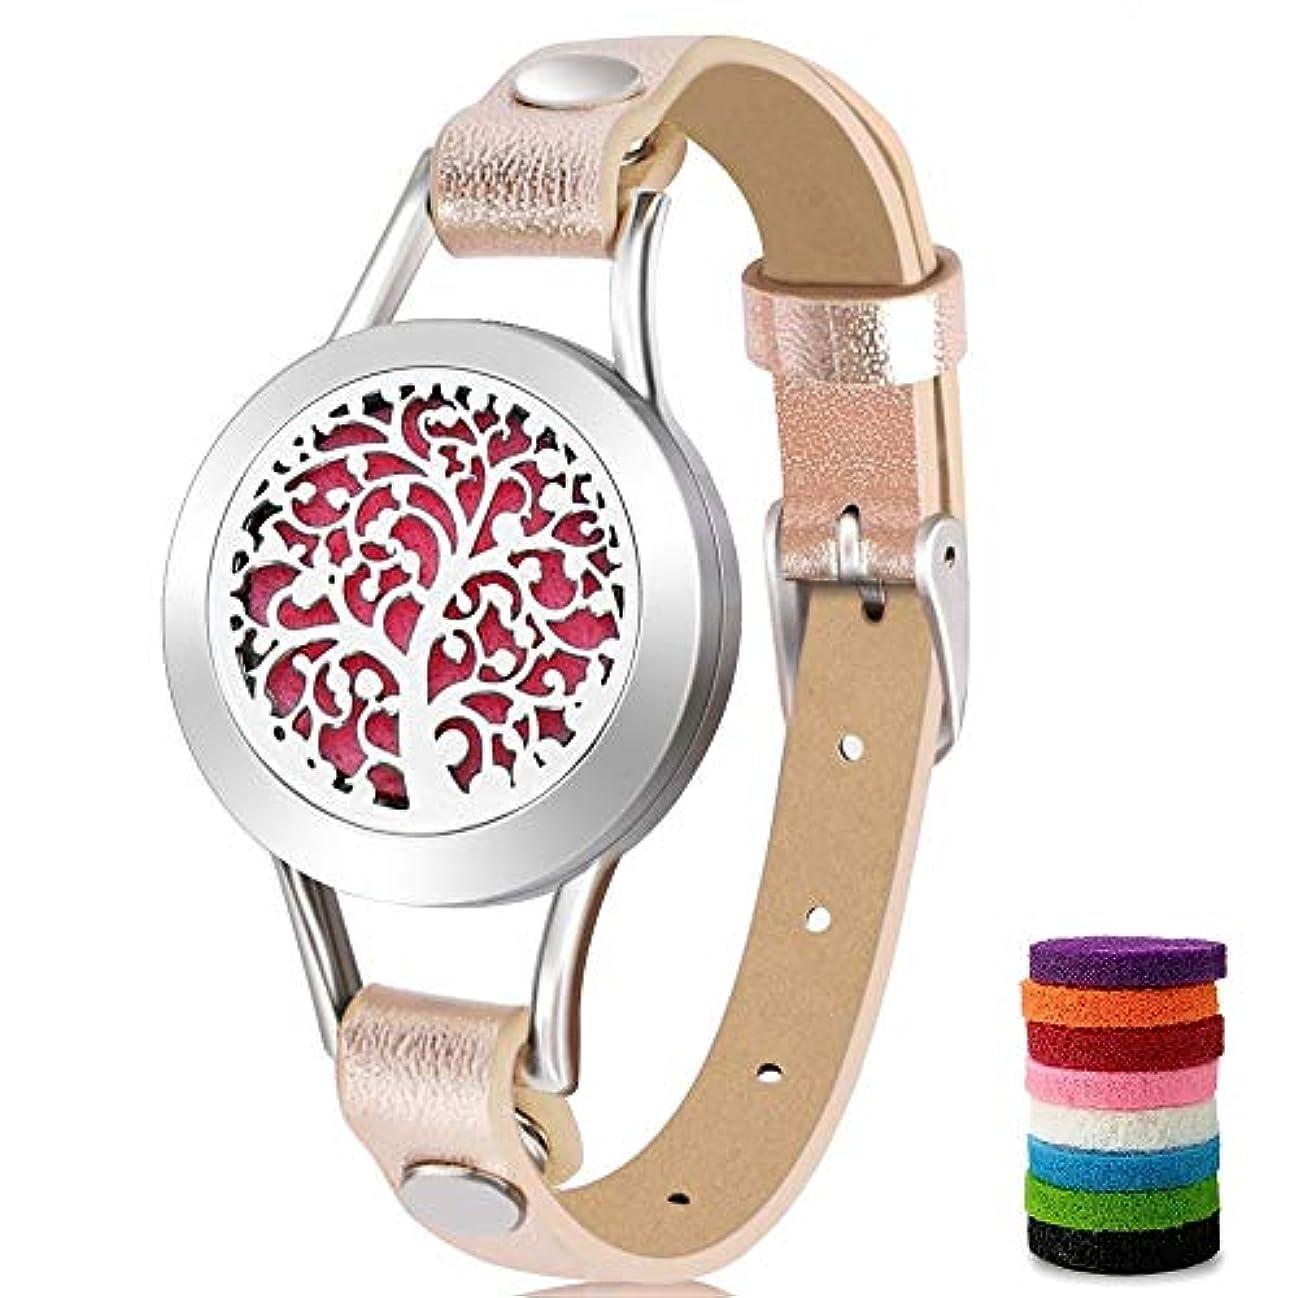 バウンス労苦ノベルティアロマセラピーエッセンシャルオイルディフューザーブレスレット(ピンク) 8色の詰め替えパッド付き 愛する人への特別なギフトアイデア ゴールド